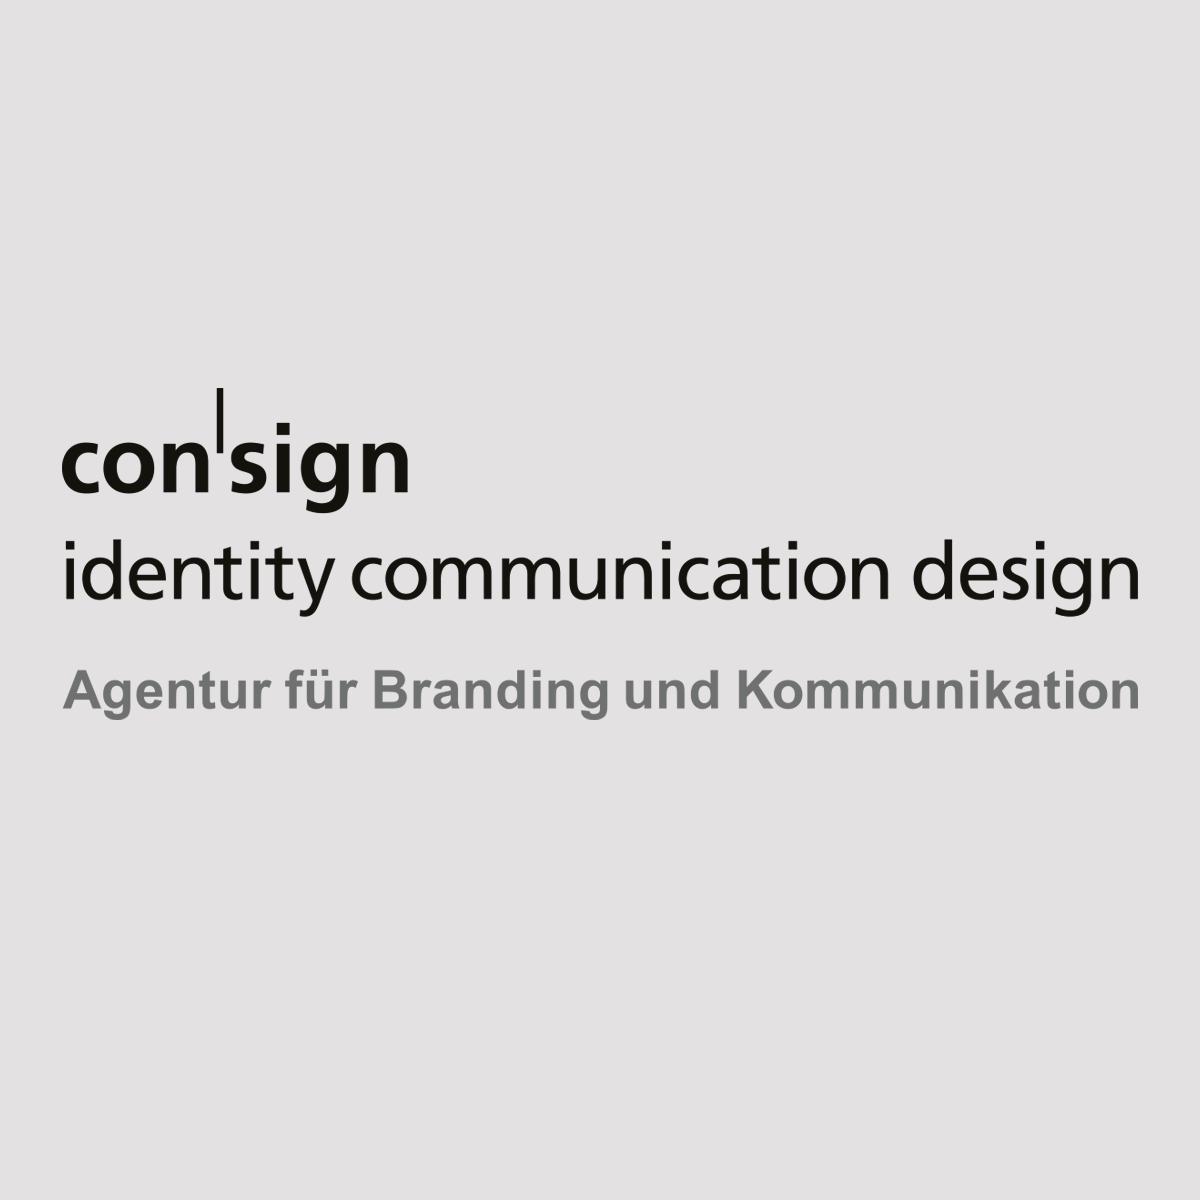 consign Agentur für Branding und Kommunikation